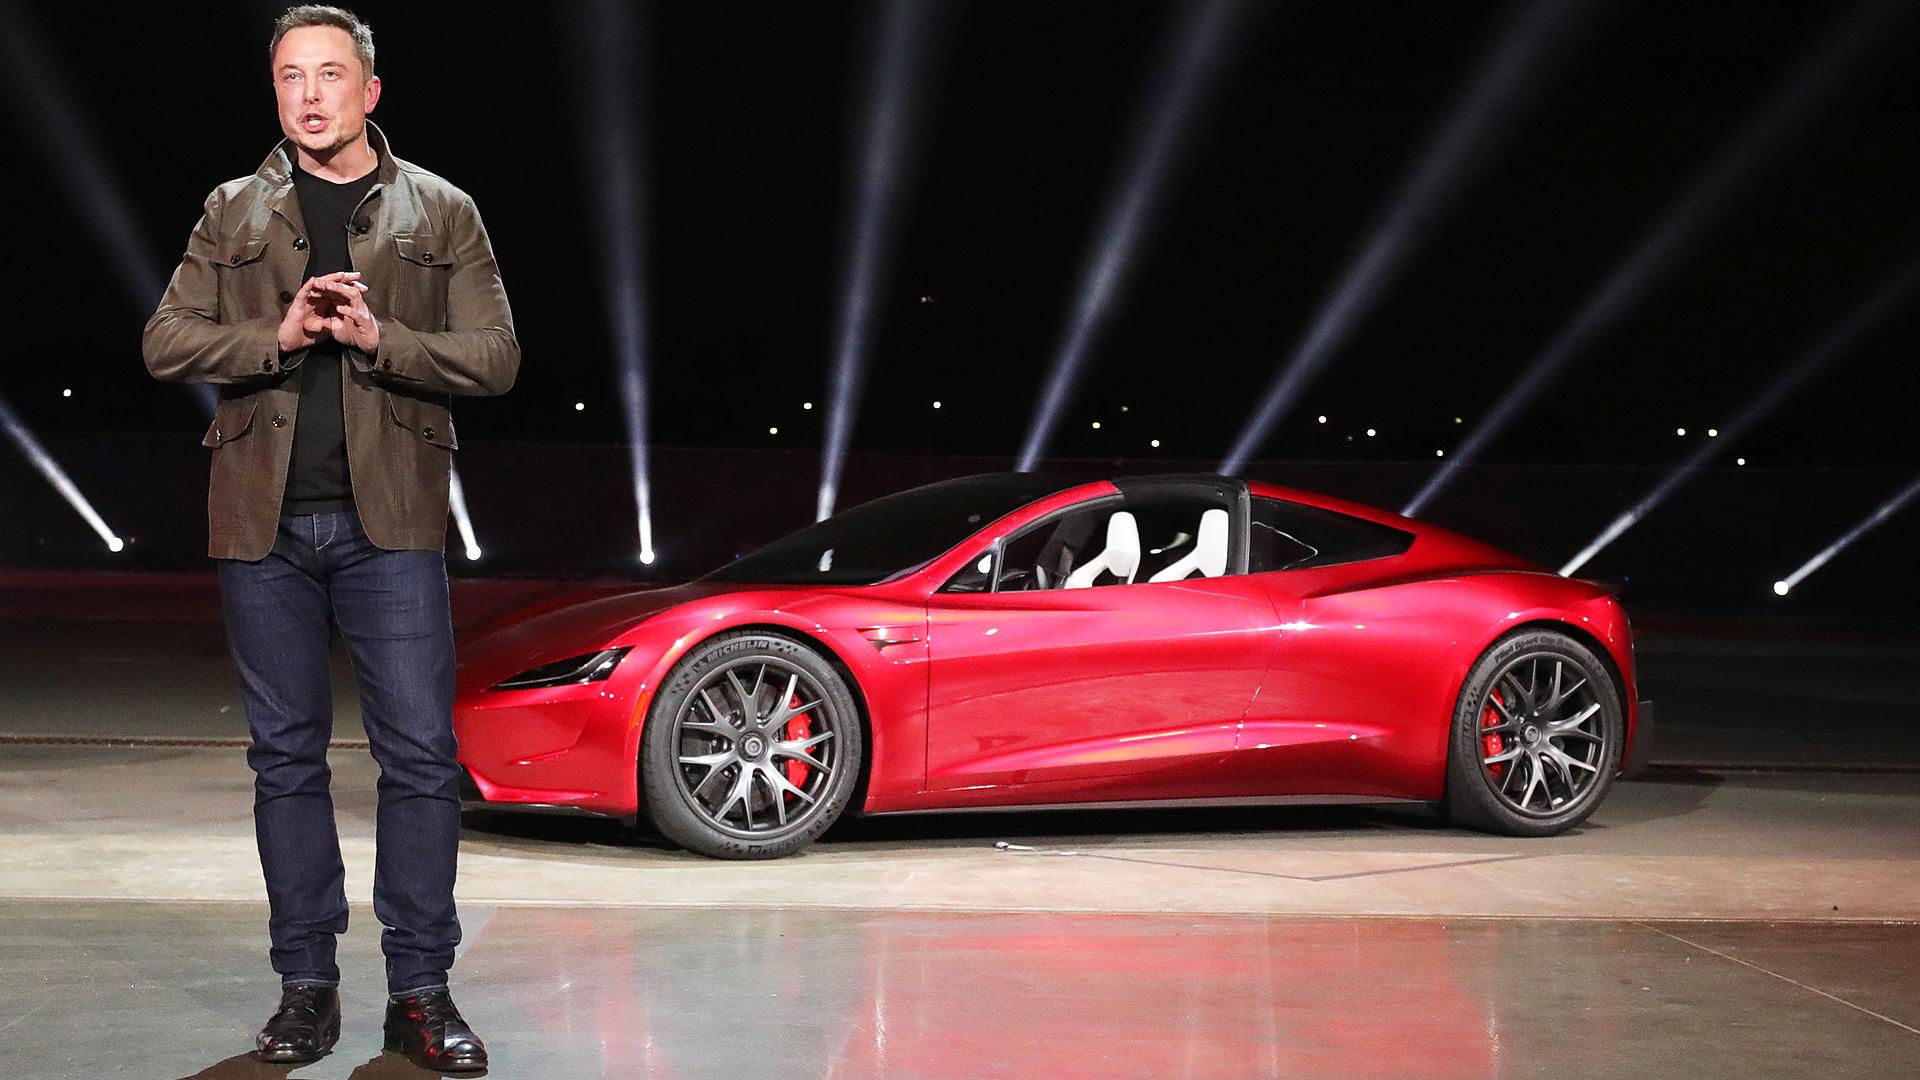 Tesla, condenada a pagar 137 millones de dólares a un ex empleado negro que sufrió racismo